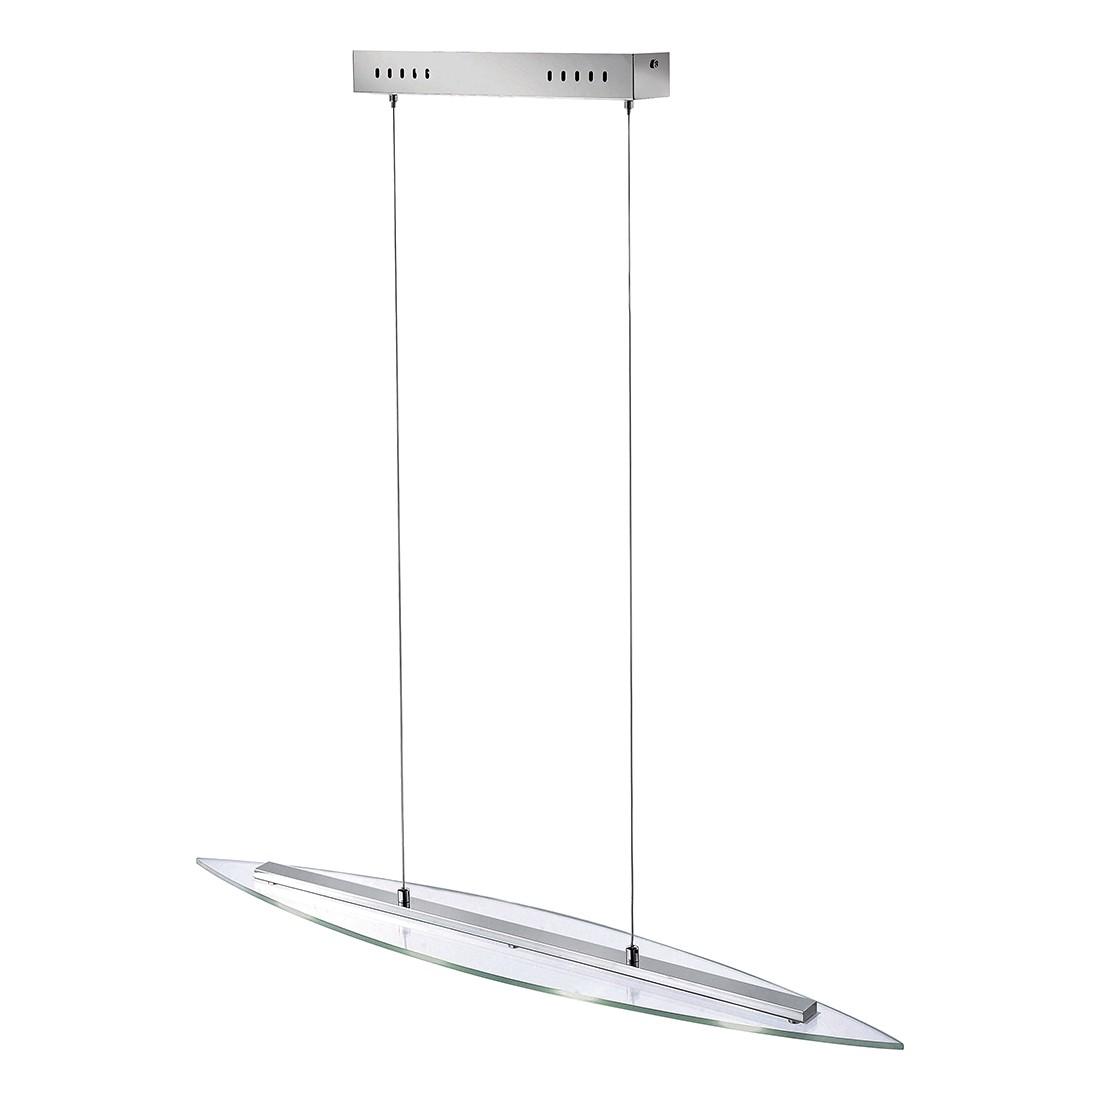 energie  A+, Hanglamp Daniel by Leuchten Direkt - zilverkleurig ijzer 4 lichtbronnen, Leuchten Direkt